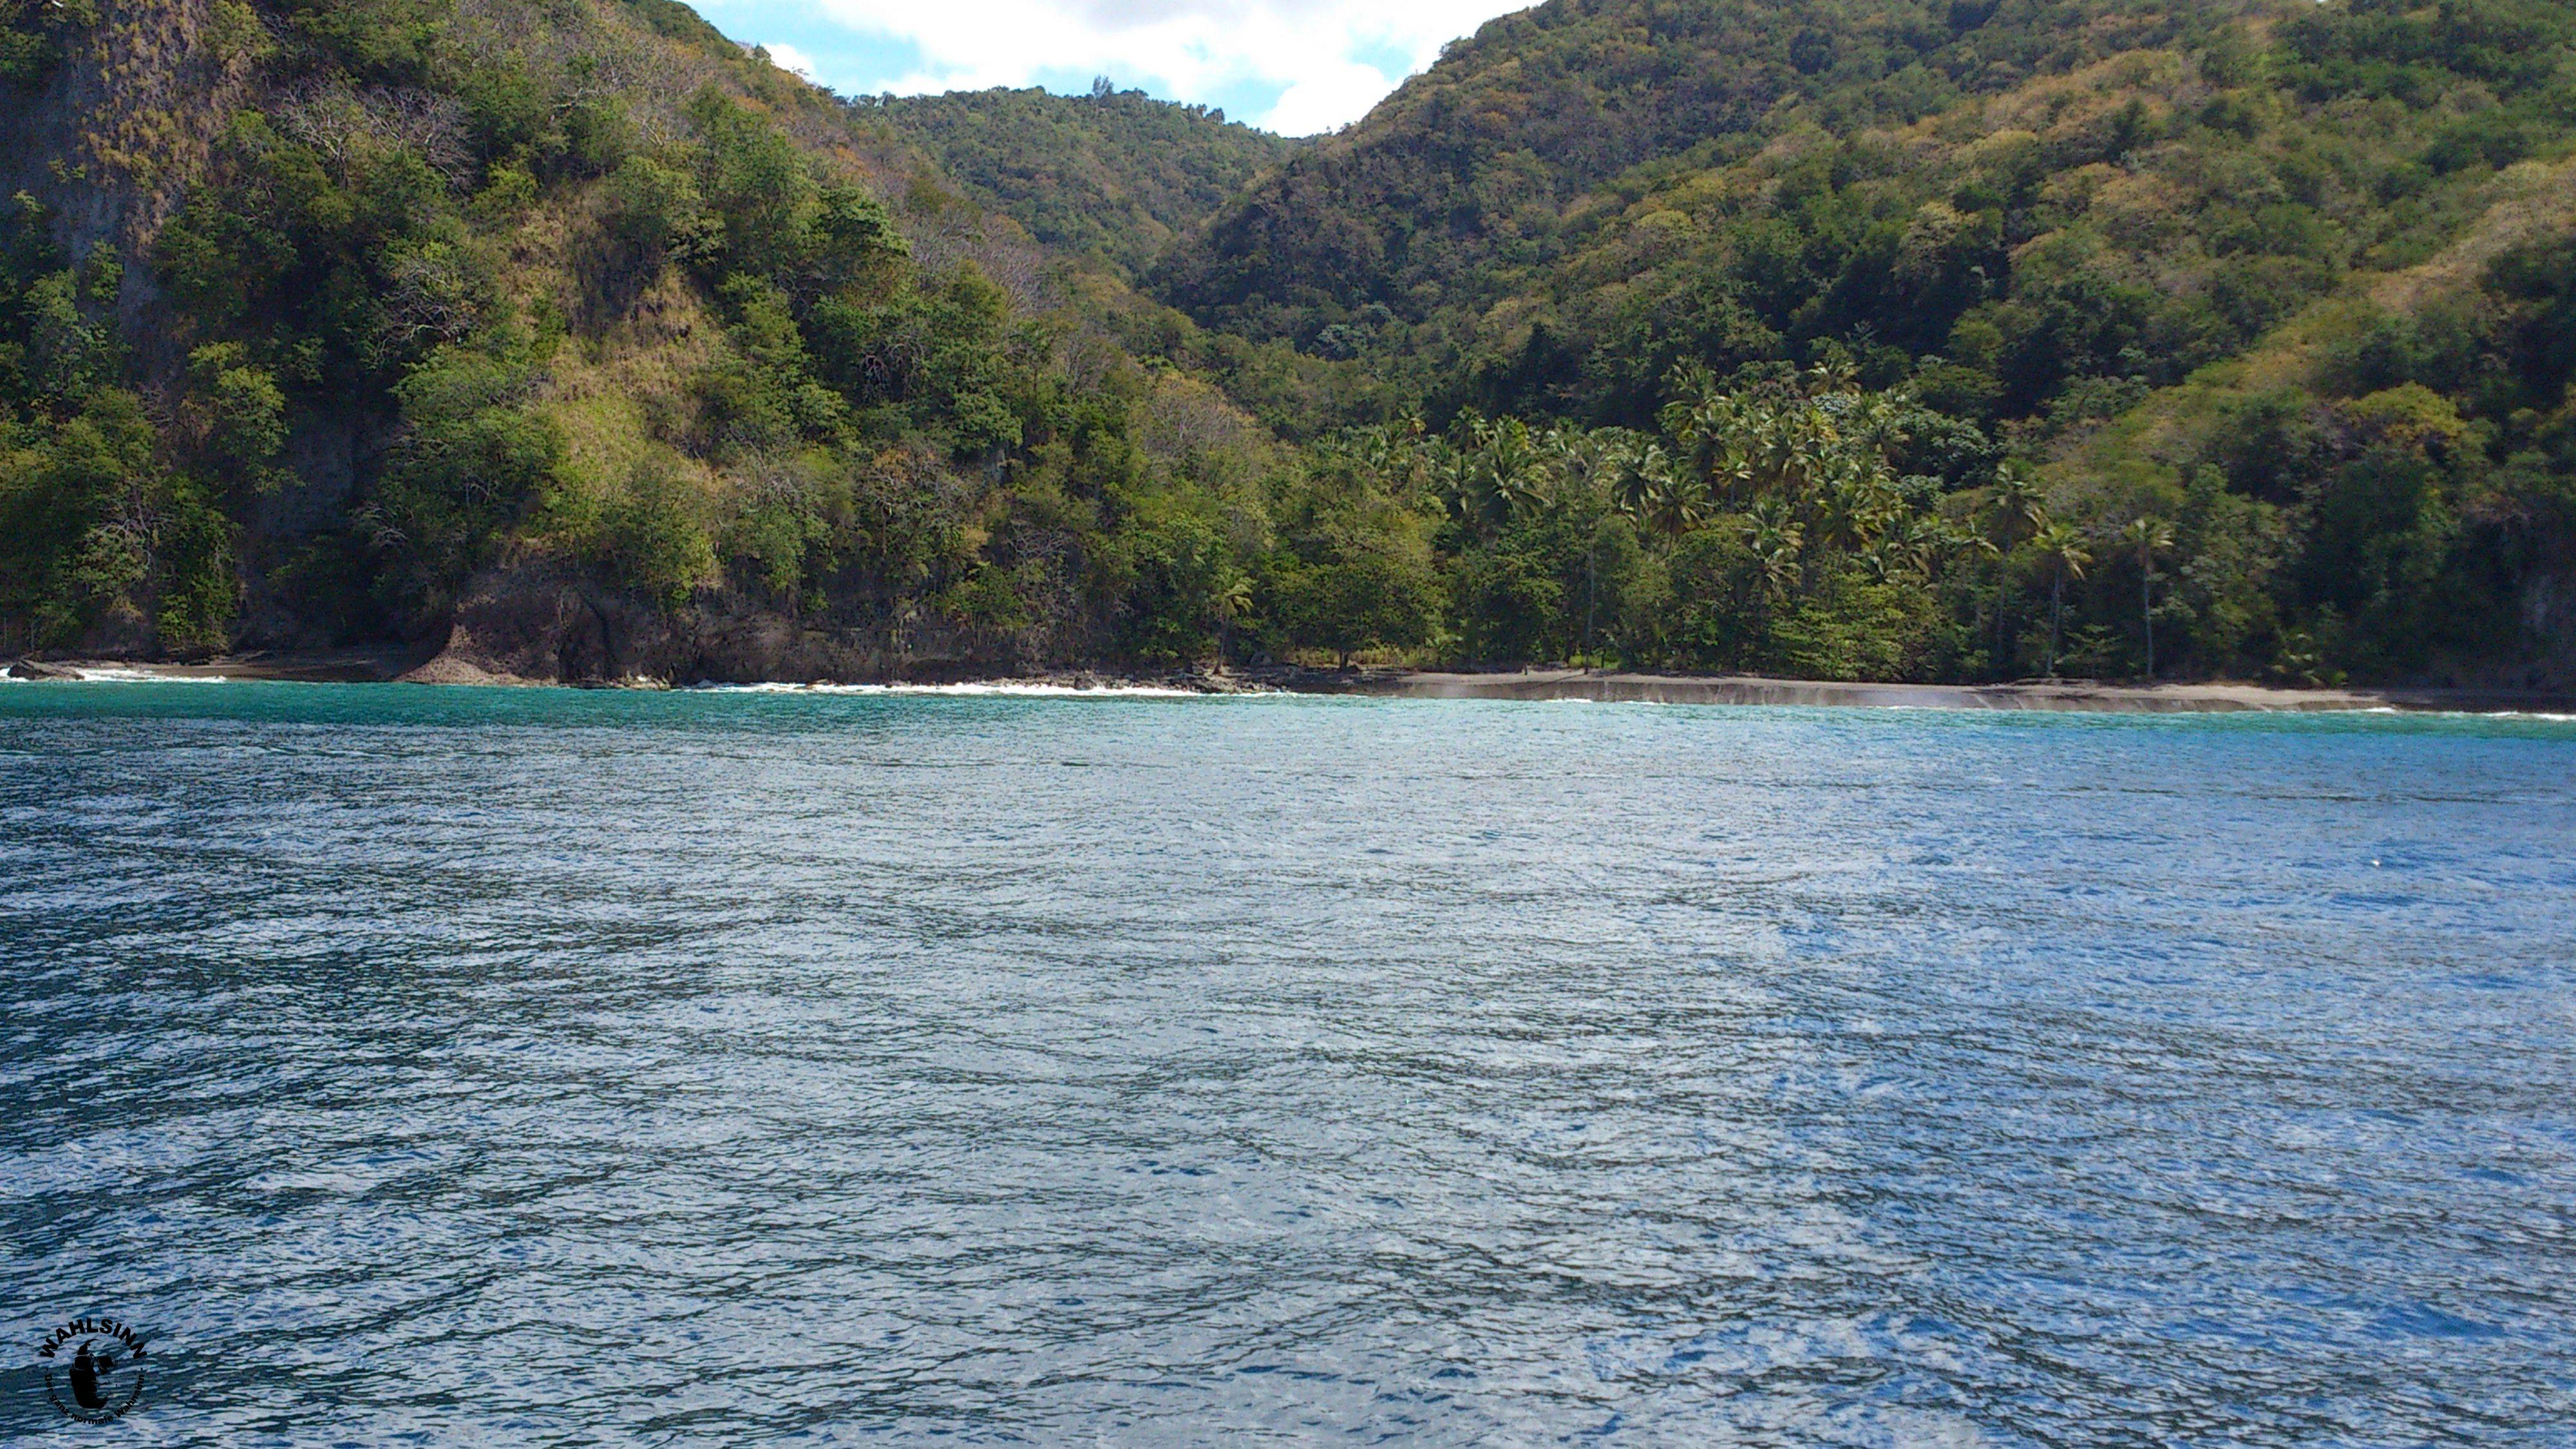 St. Lucia - Die Wunderschöne Küste von St. Lucia